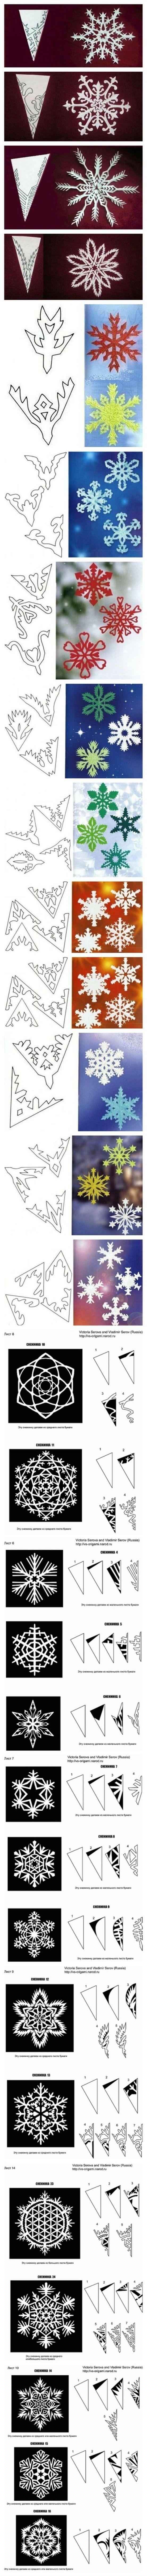 Snowflake patterns!